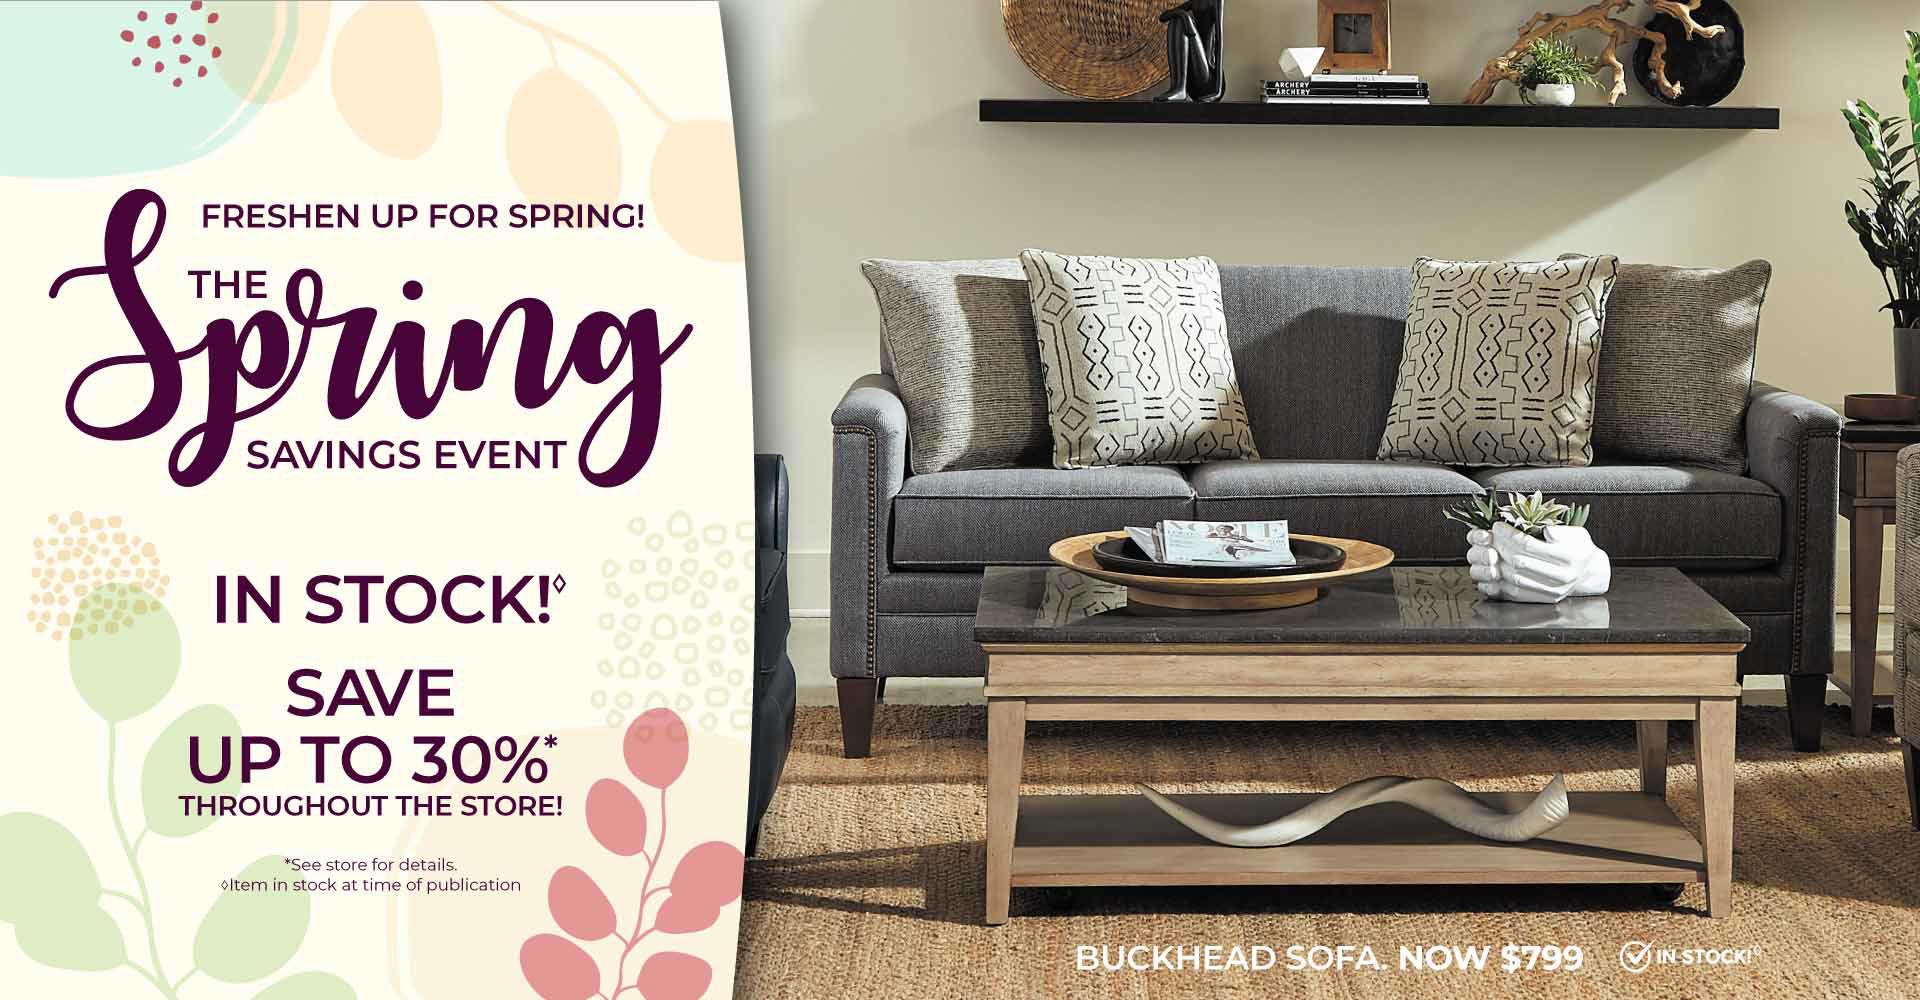 Springtime Savings - Buy More, Save More